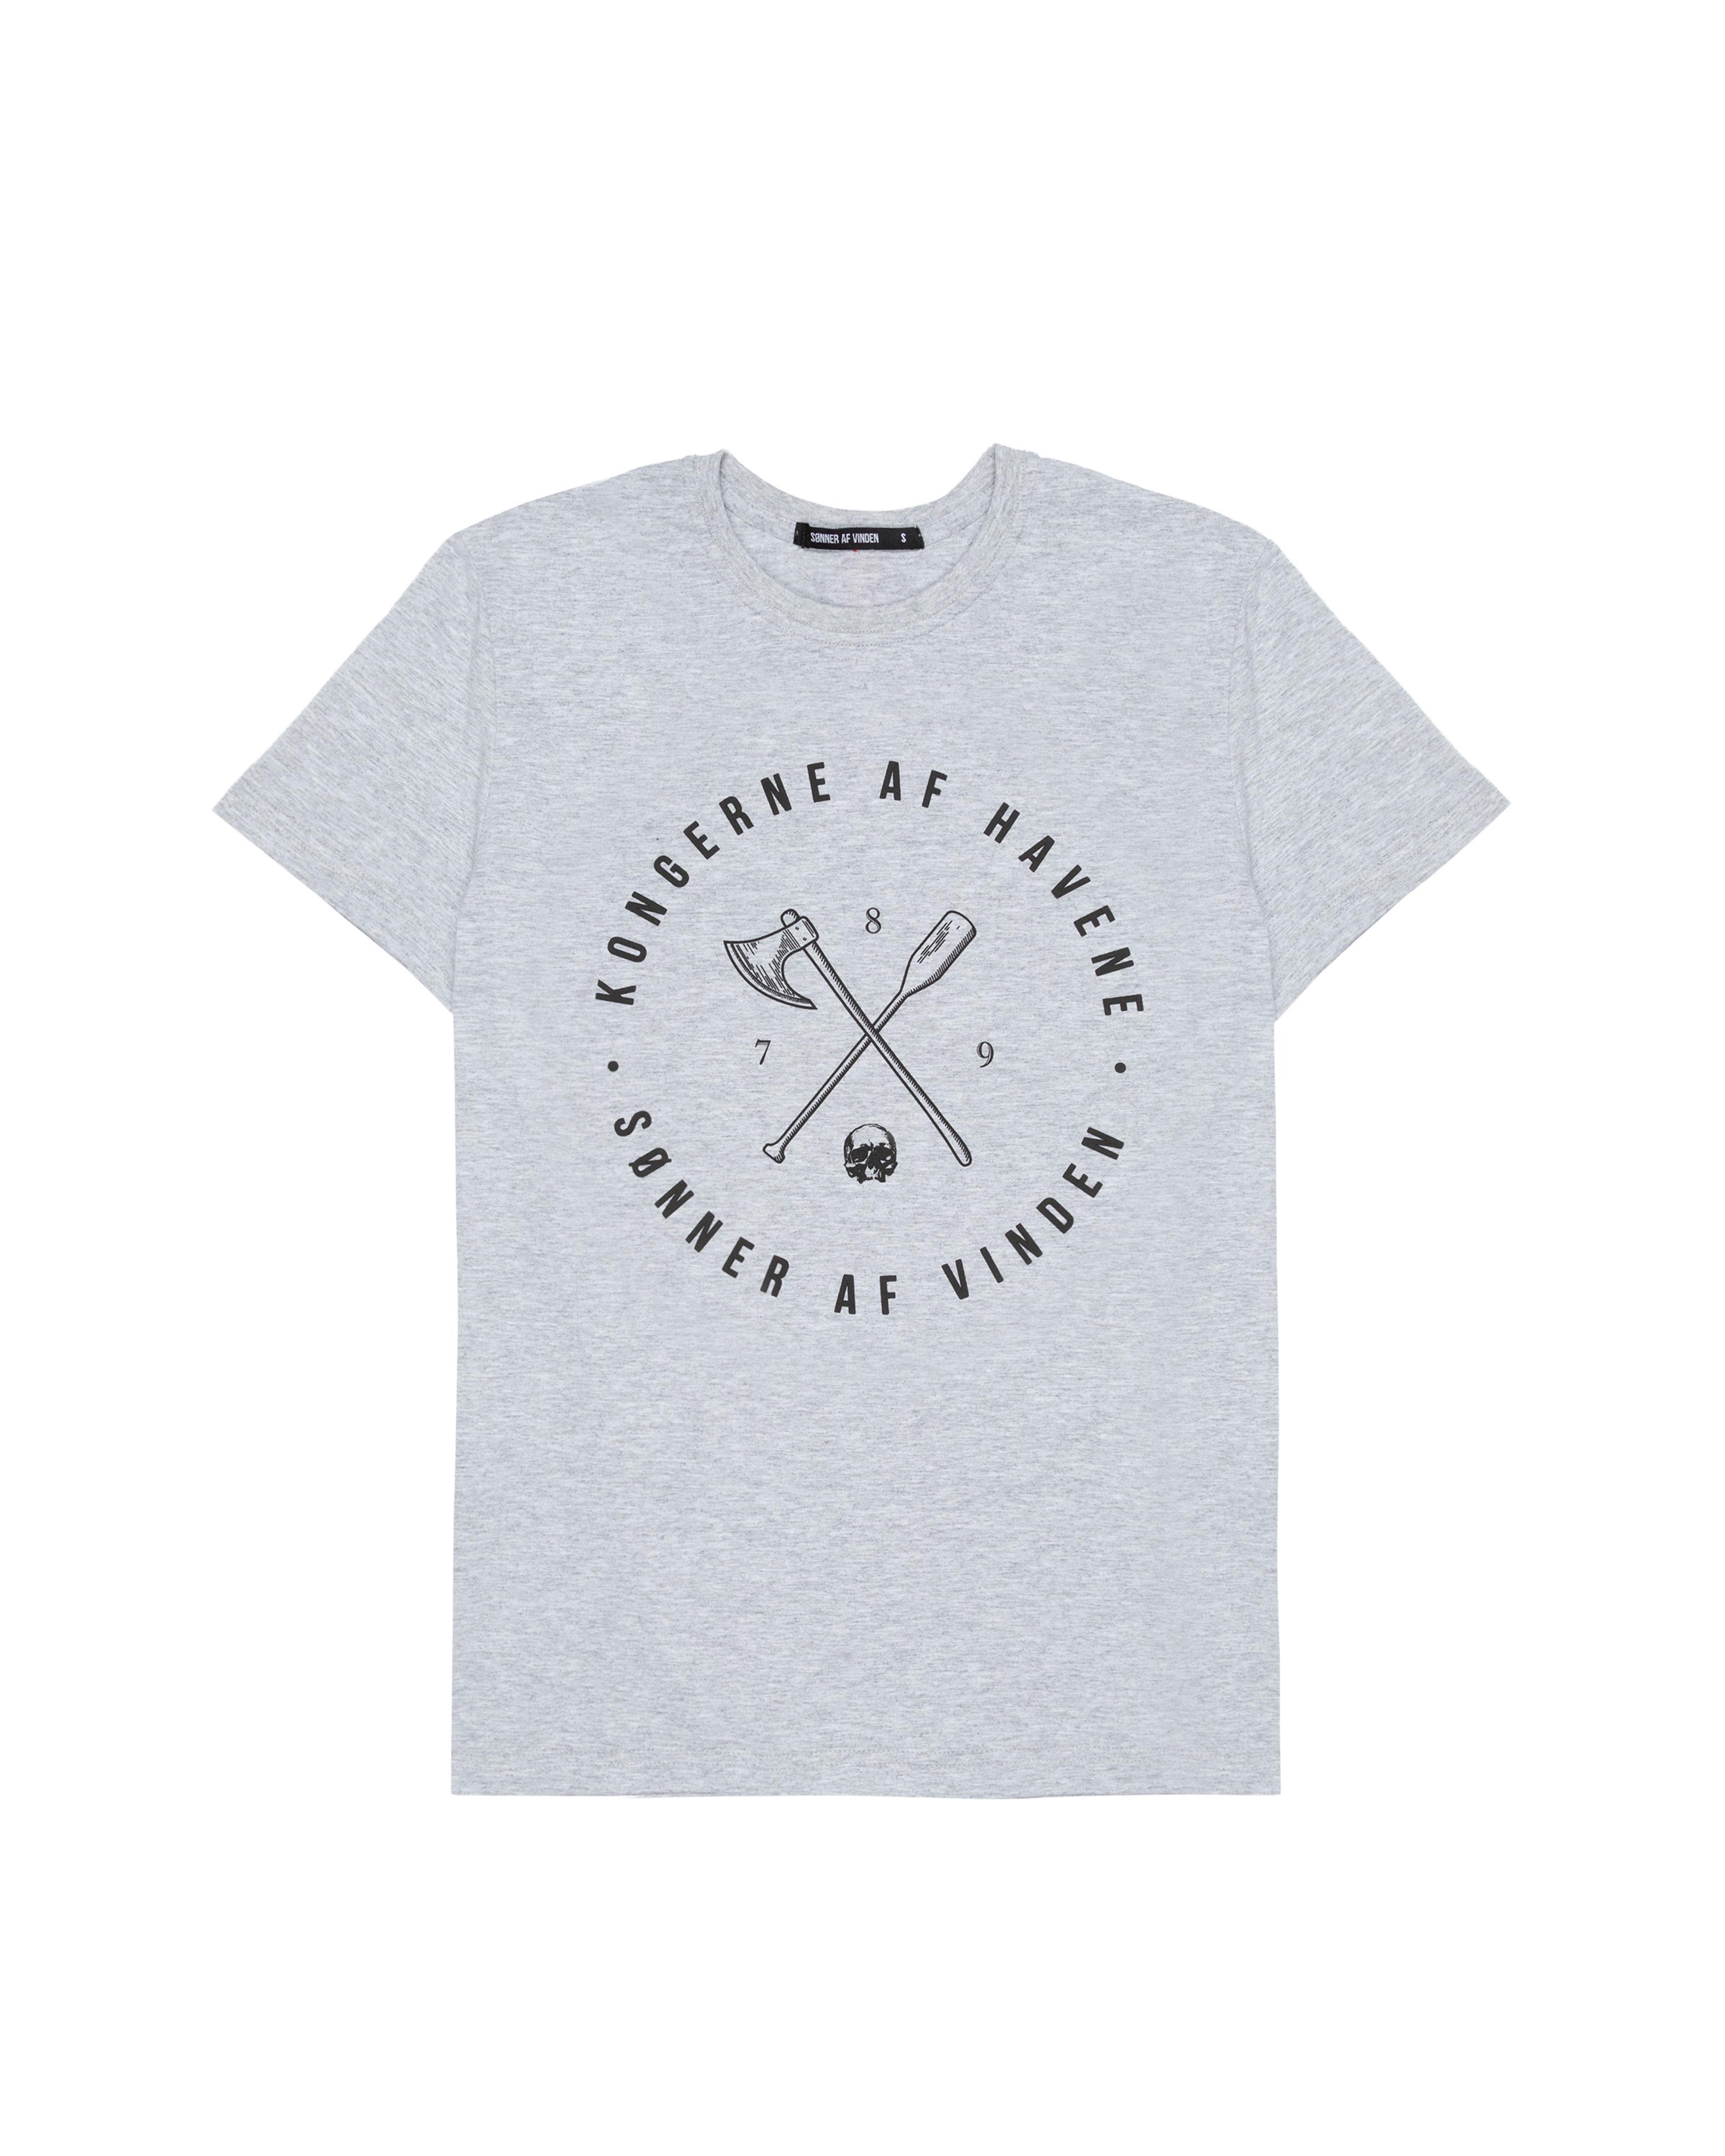 Футболка Sønner Af-Vinden Kongerne Af Havene Grey T-shirt